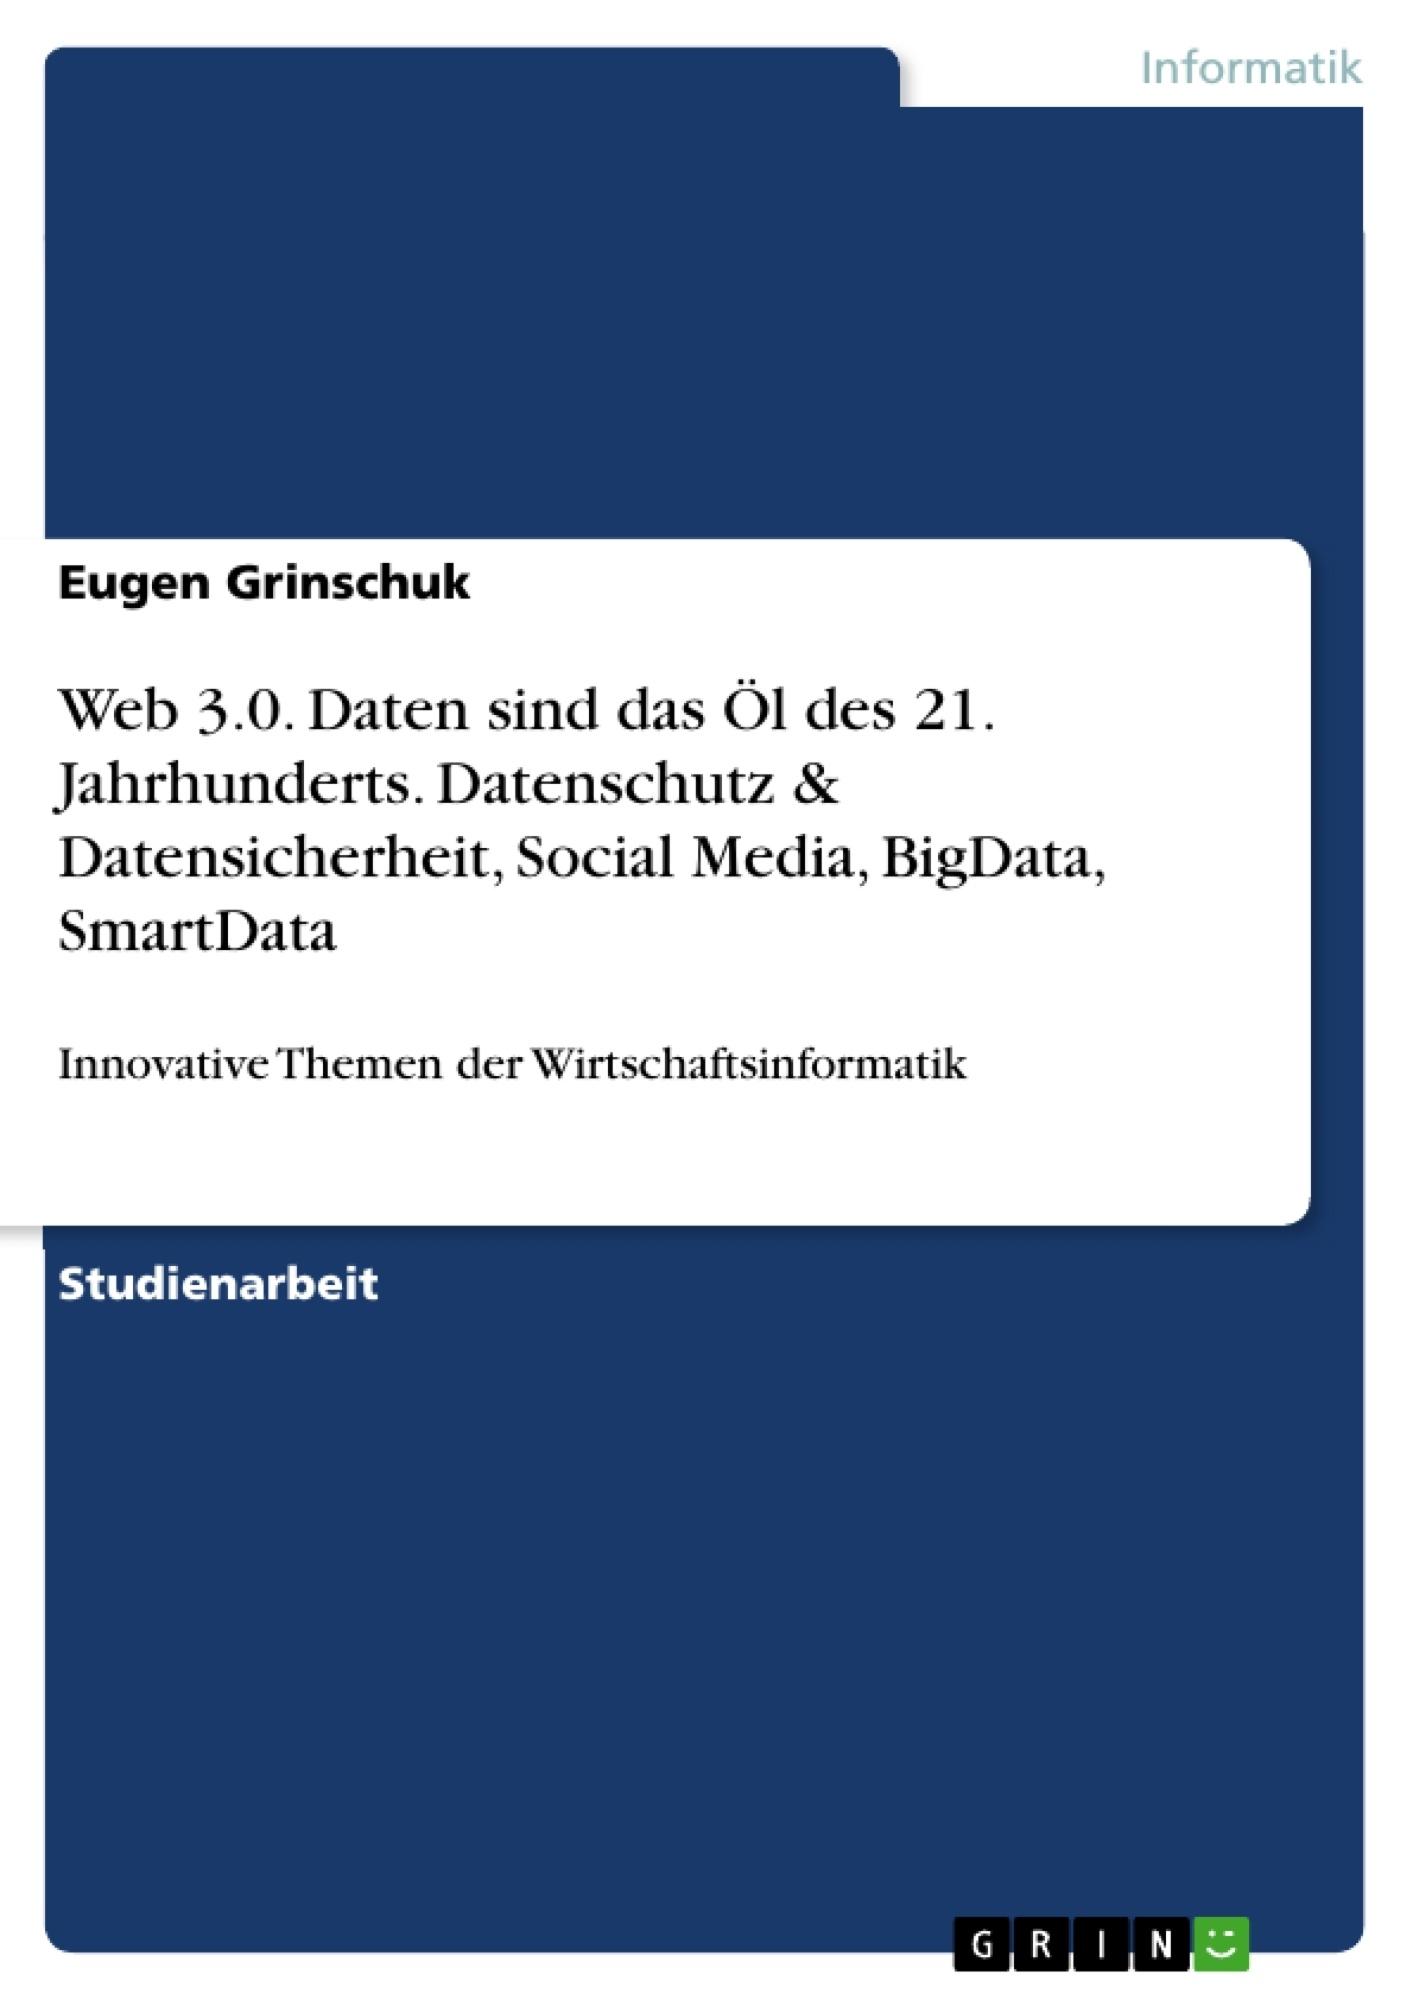 Titel: Web 3.0. Daten sind das Öl des 21. Jahrhunderts. Datenschutz & Datensicherheit, Social Media, BigData, SmartData